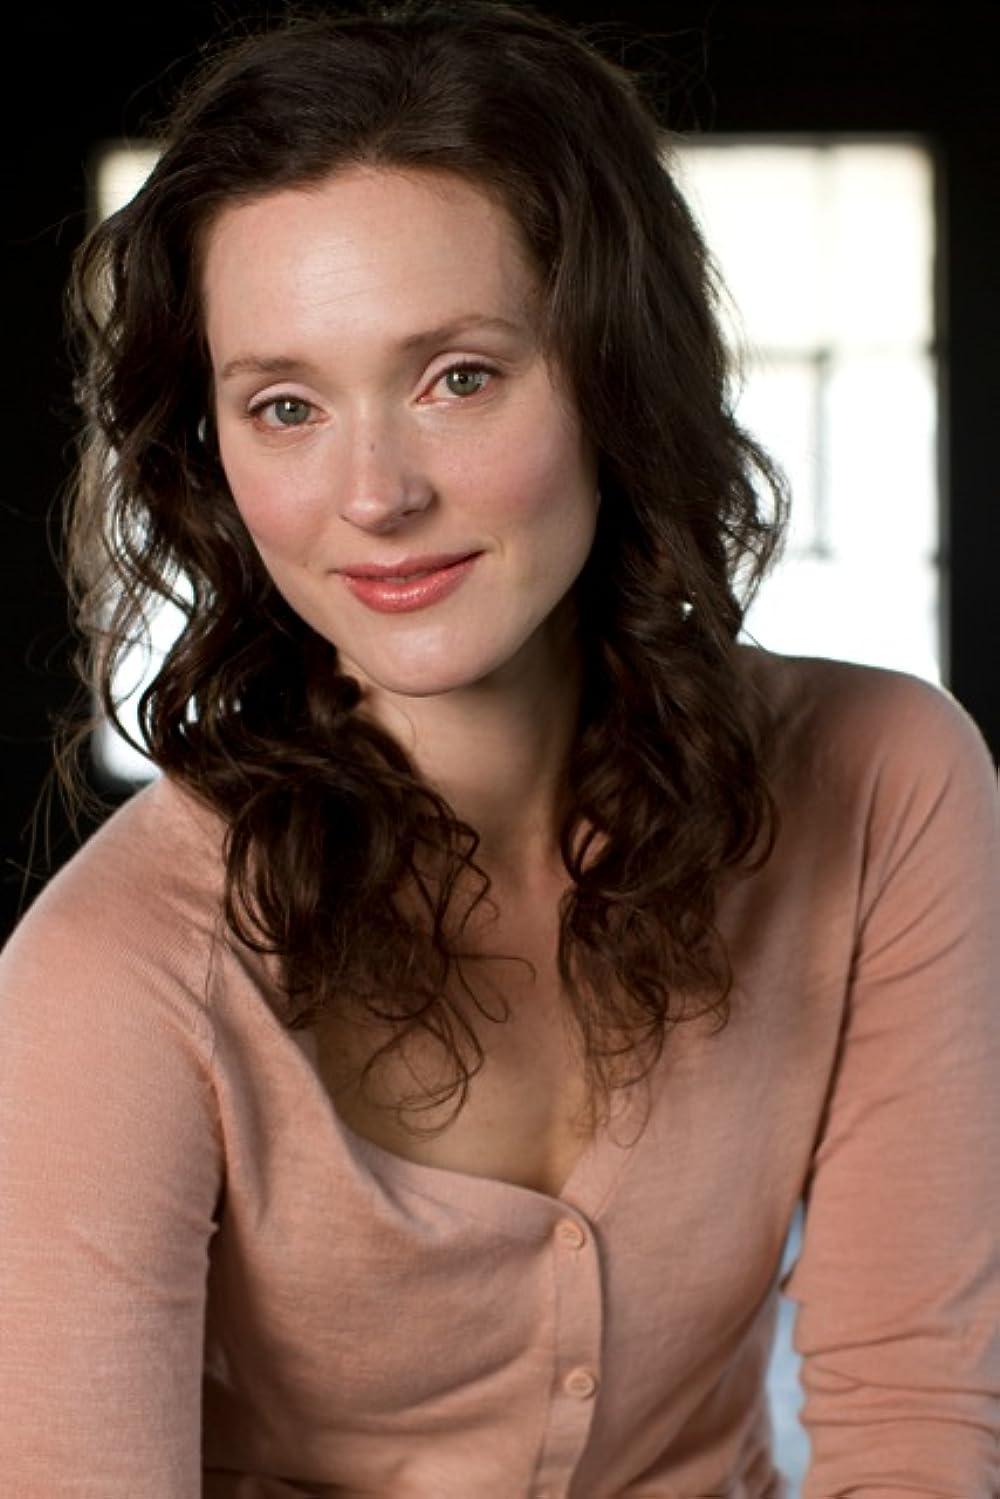 Molly Cookson